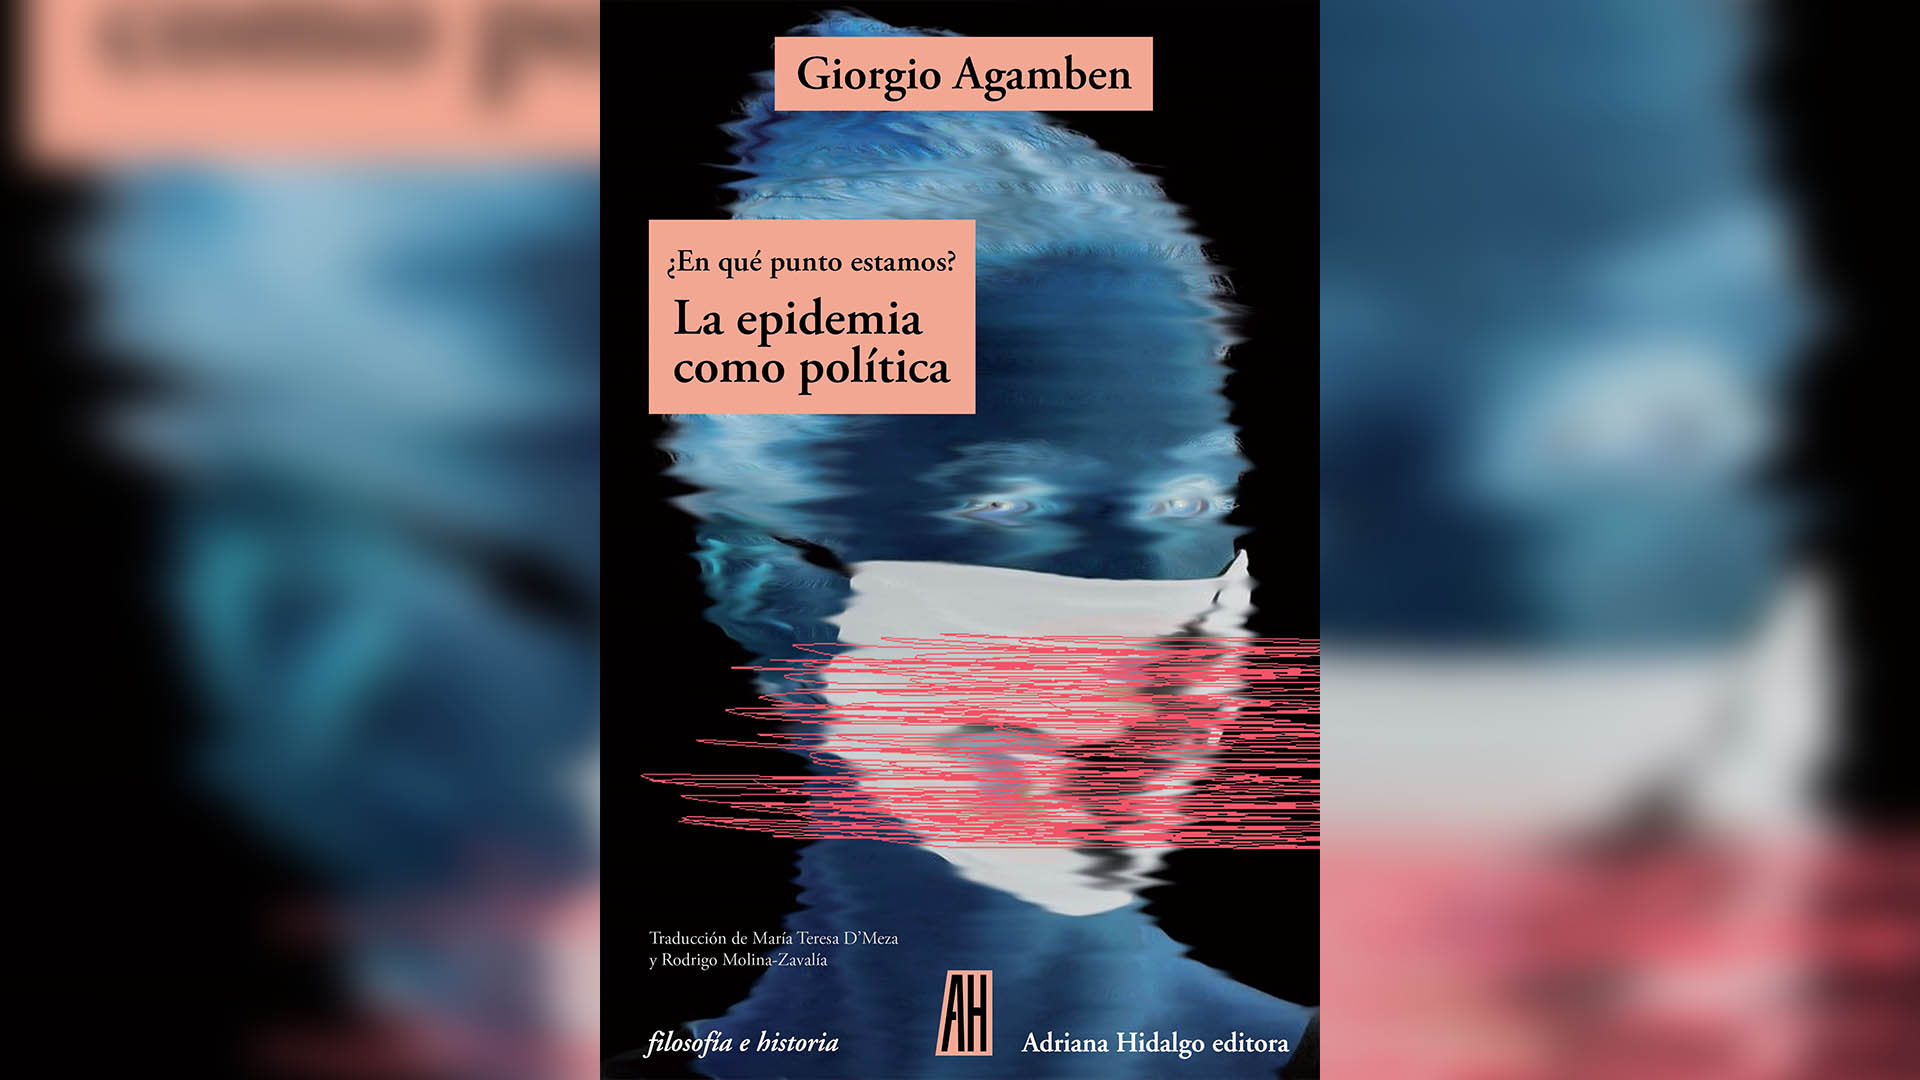 """Giorgio Agamben: """"La ciencia puede producir superstición y miedo o, en  cualquier caso, usarse para difundirlos"""" - Infobae"""